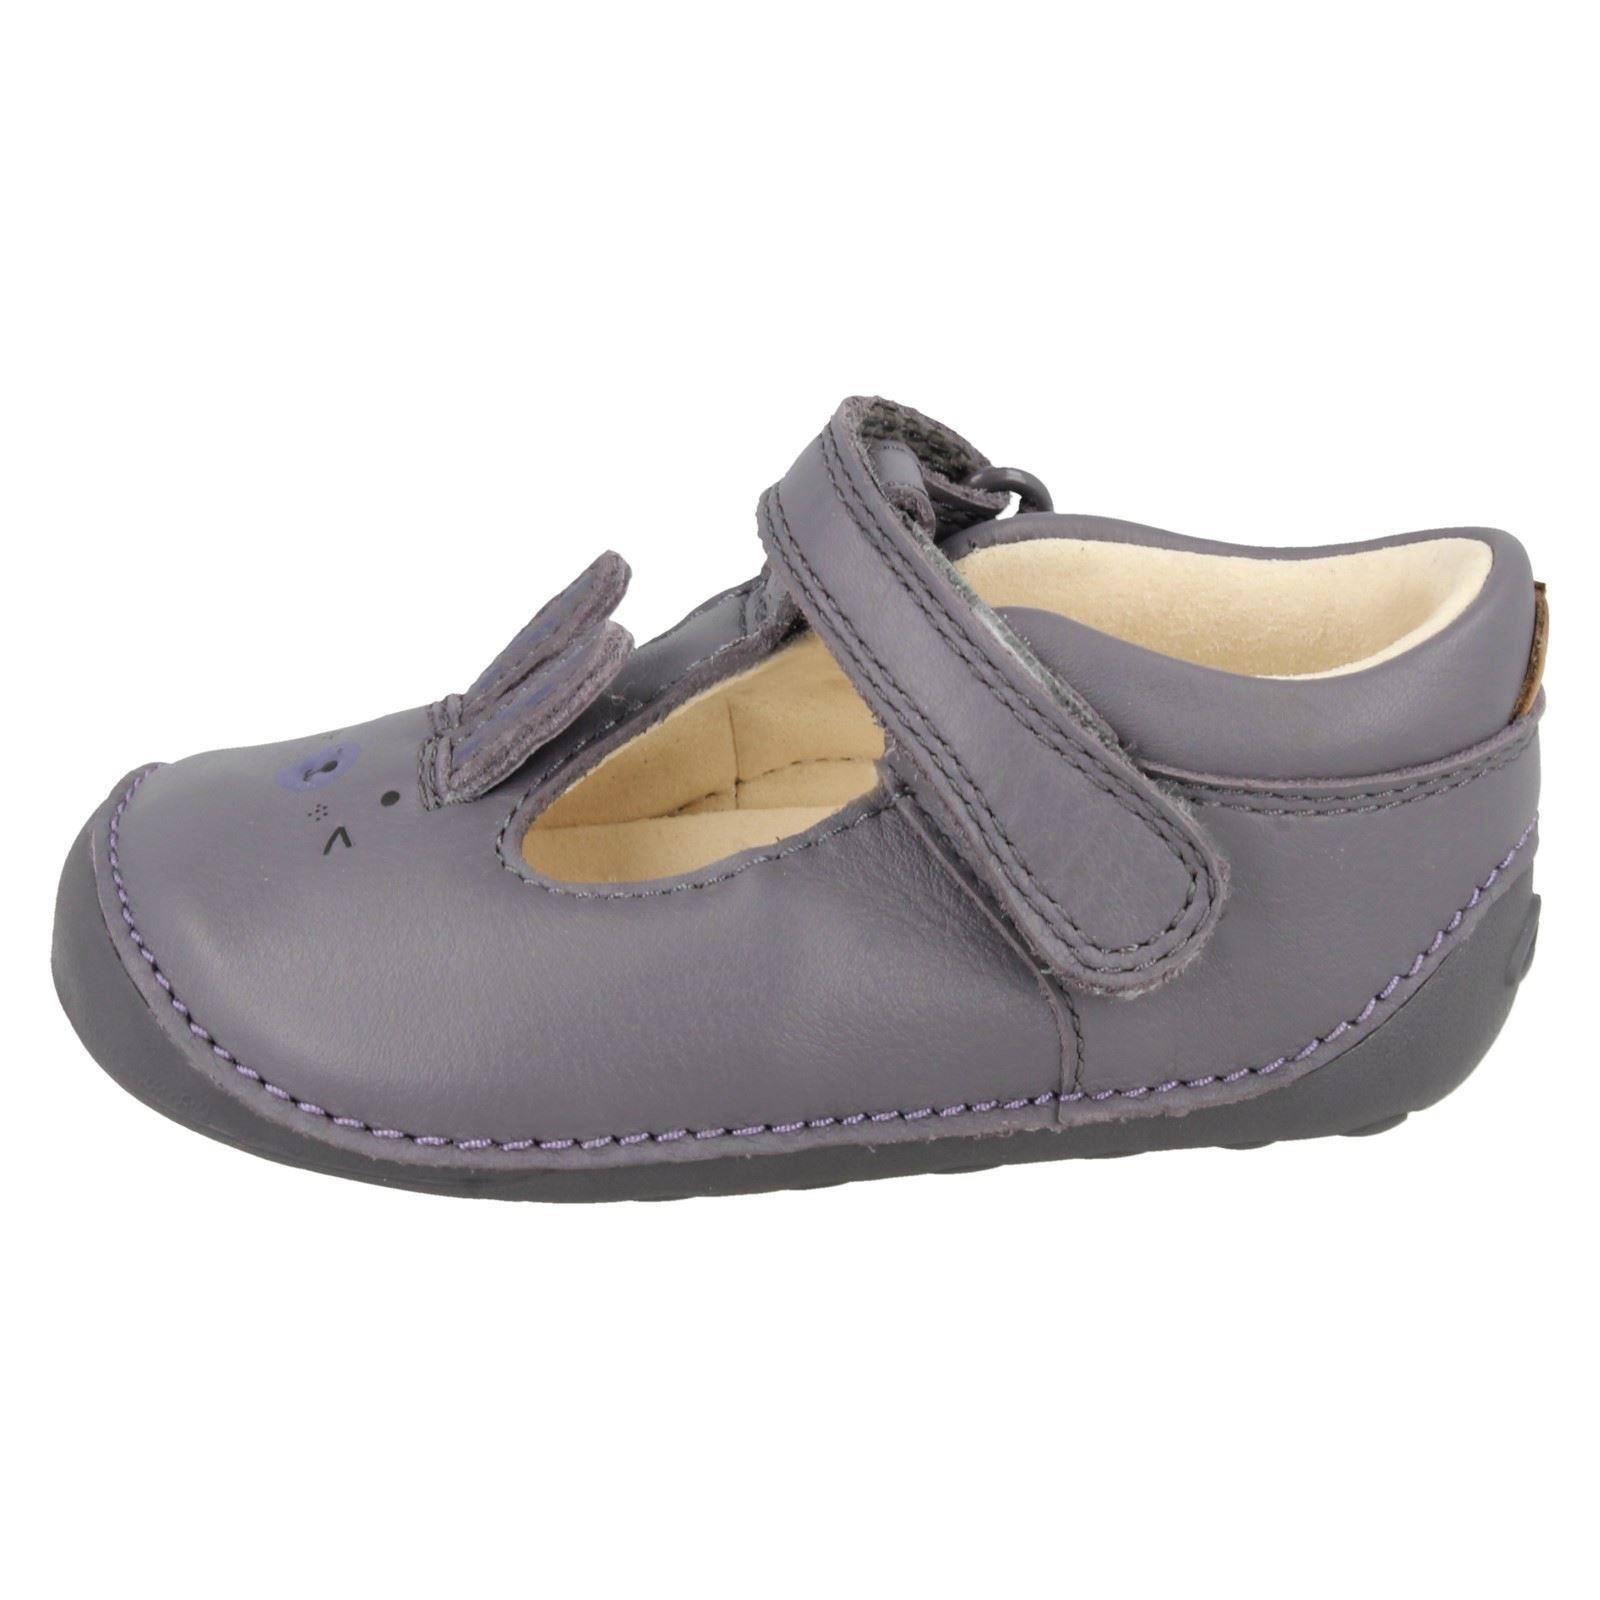 Little Glo * Filles Clarks Premières Chaussures Avec Rabbit Design